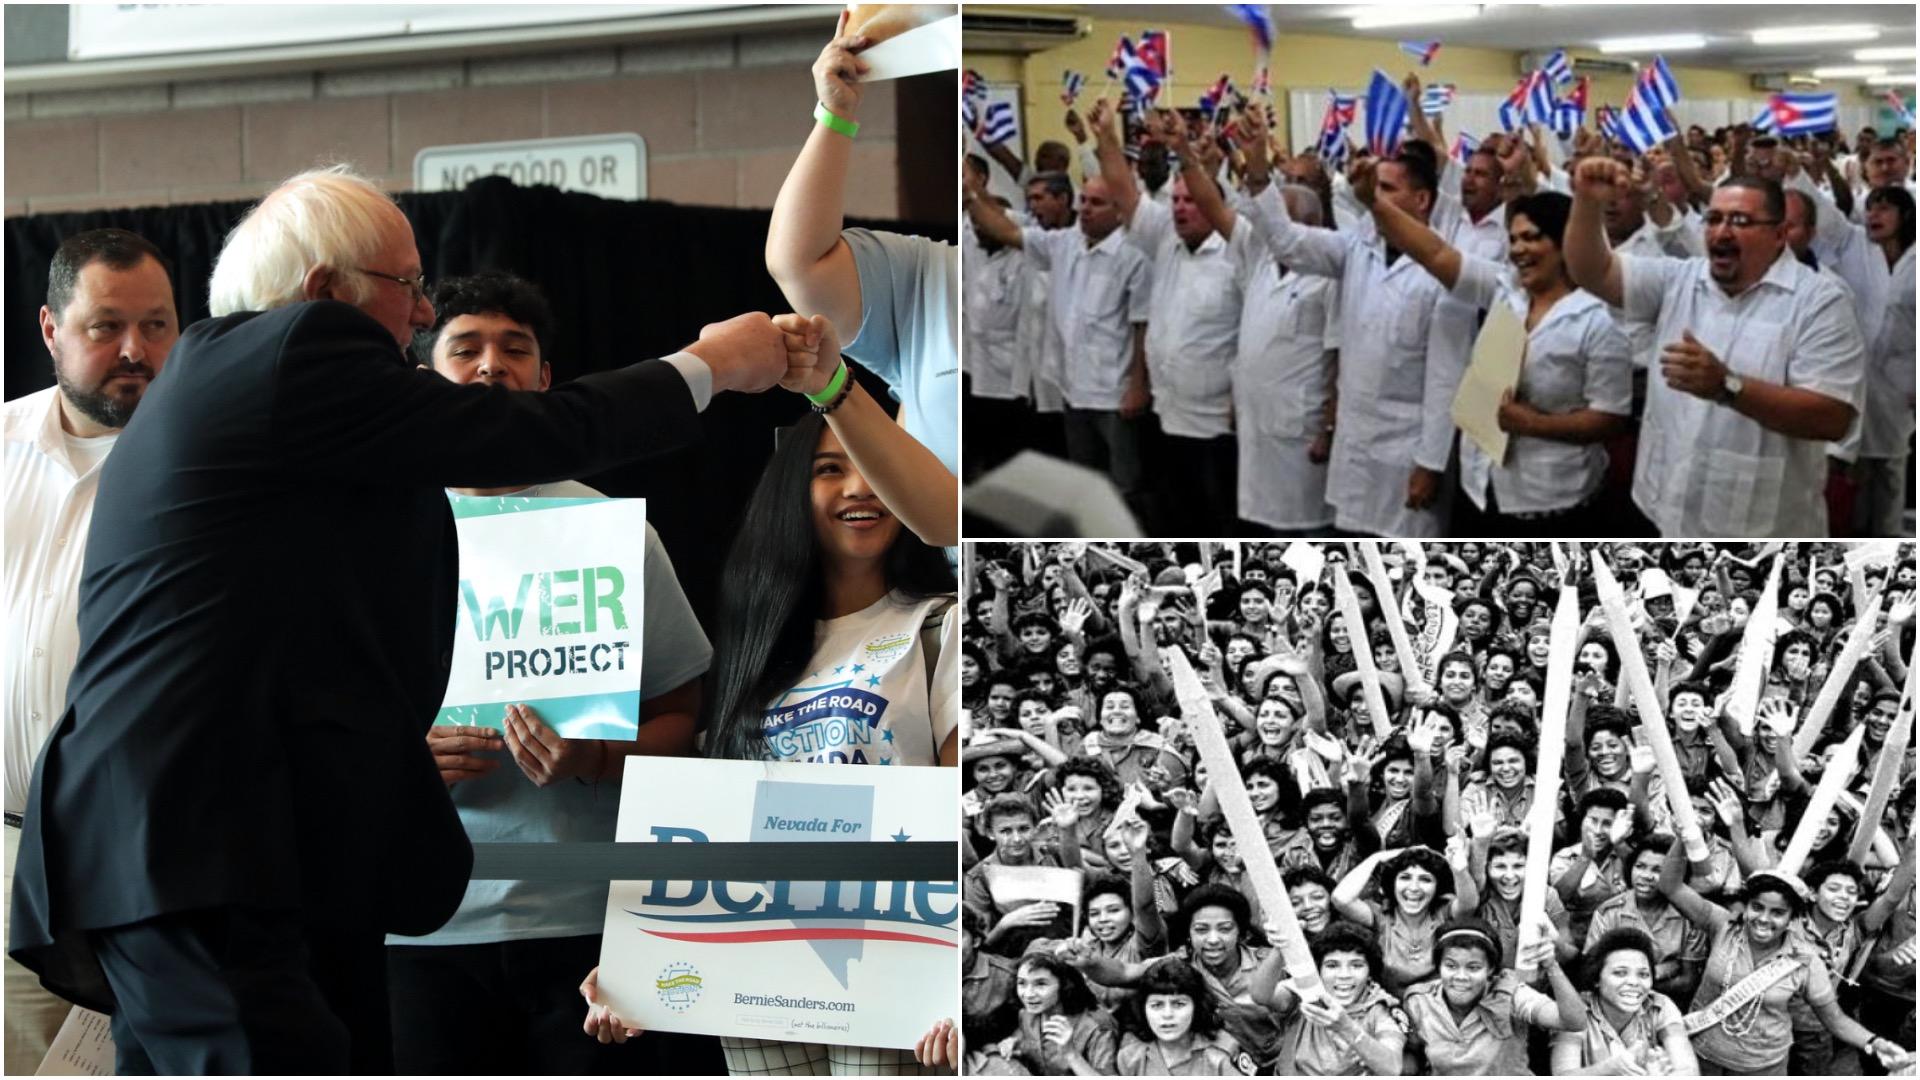 Políticos estadounidenses atacan a Sanders por decir algo bueno de Cuba